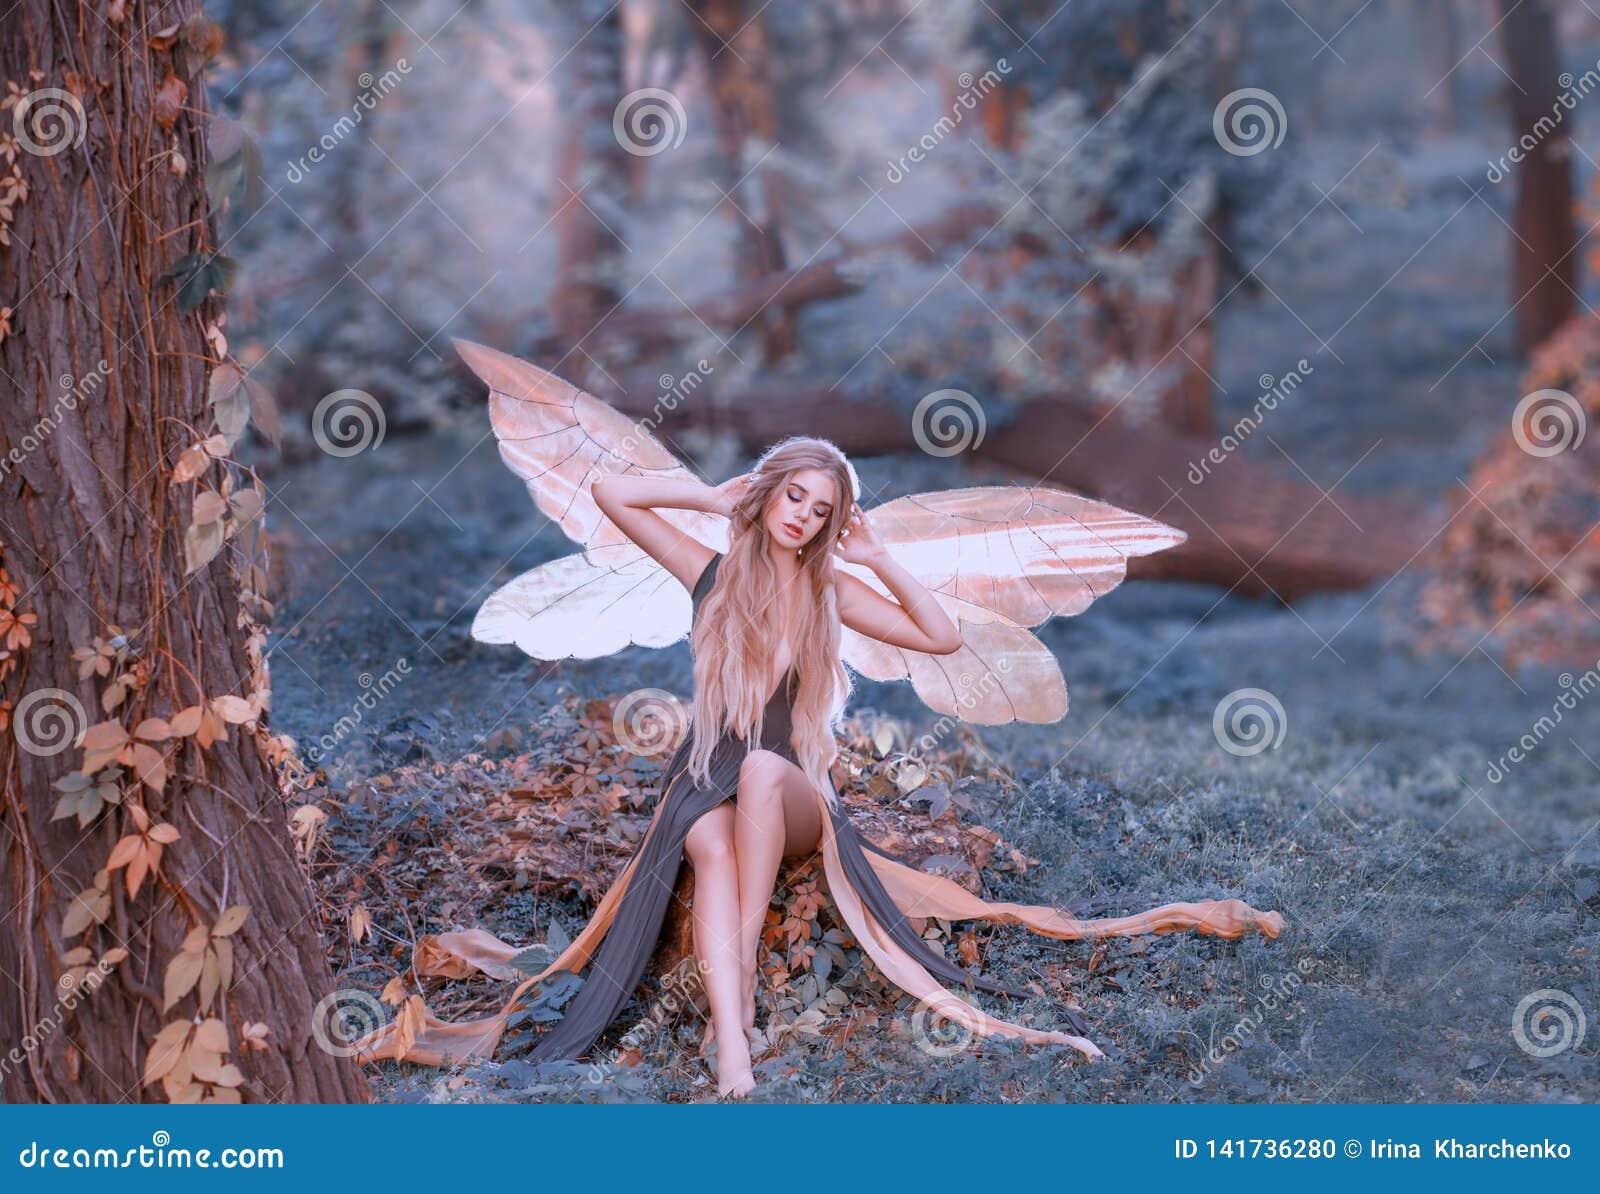 De charmante fee ontwaakte in bos, smakt zoet na slaap, richtsnoermeisje met blond die haar, ogen in lange groen worden gesloten